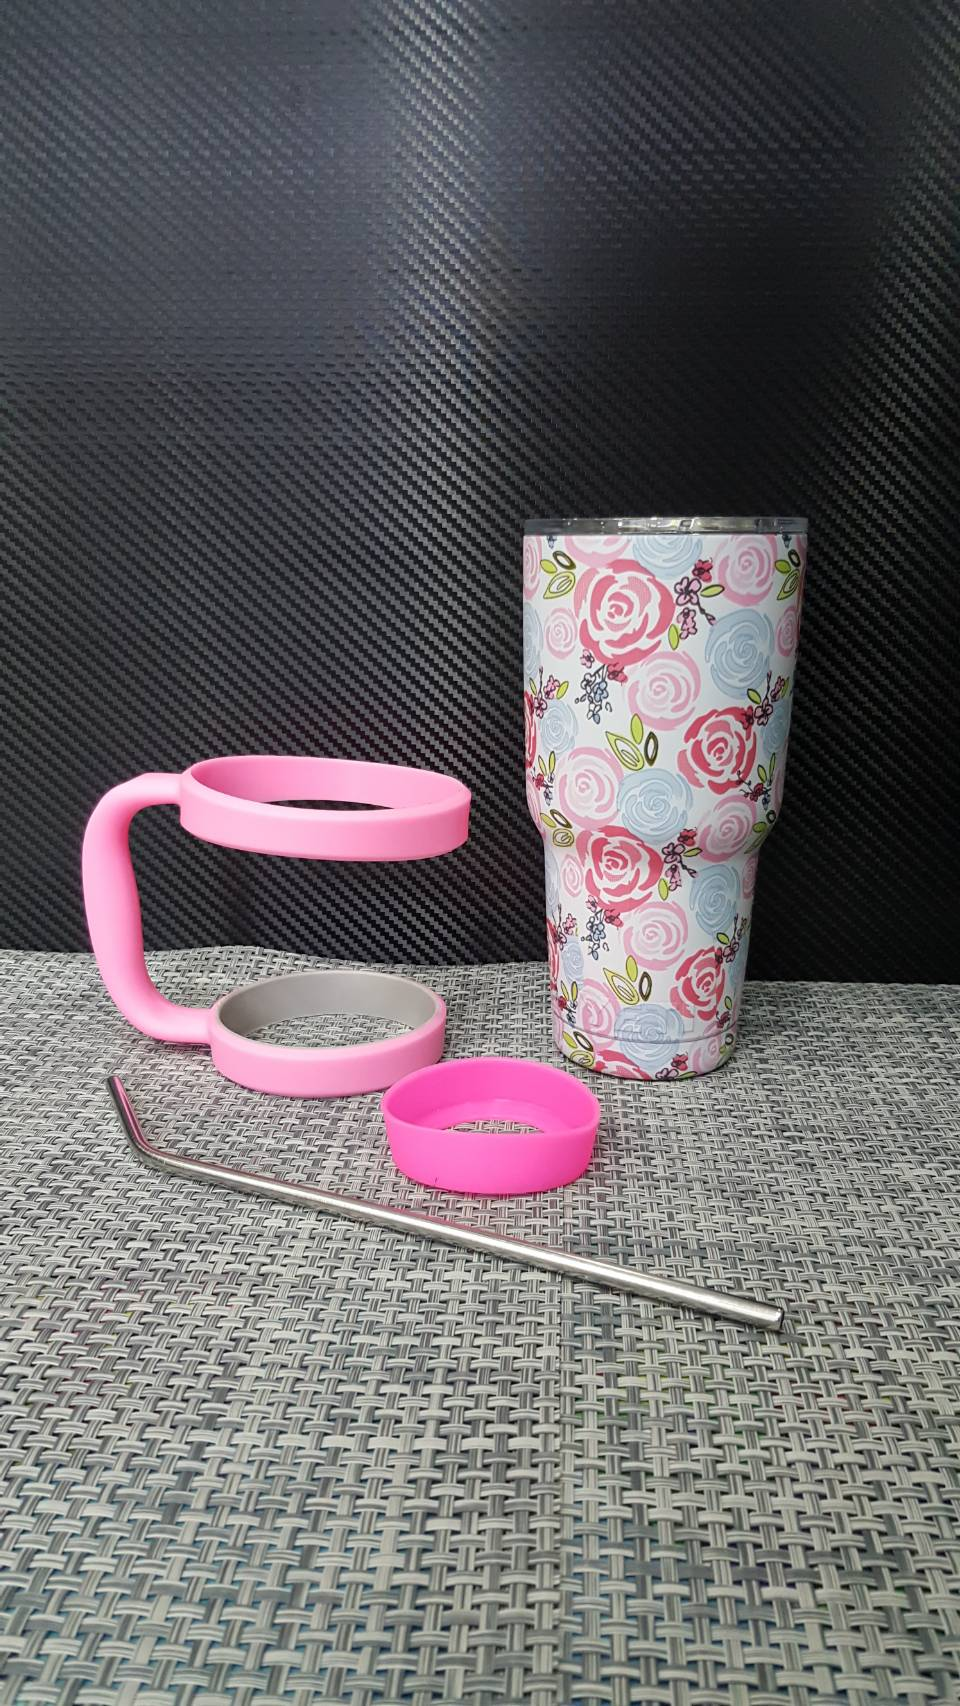 ชุดแก้วเยติ 30 ออนซ์ ลายดอกกุหลาบ สีชมพู